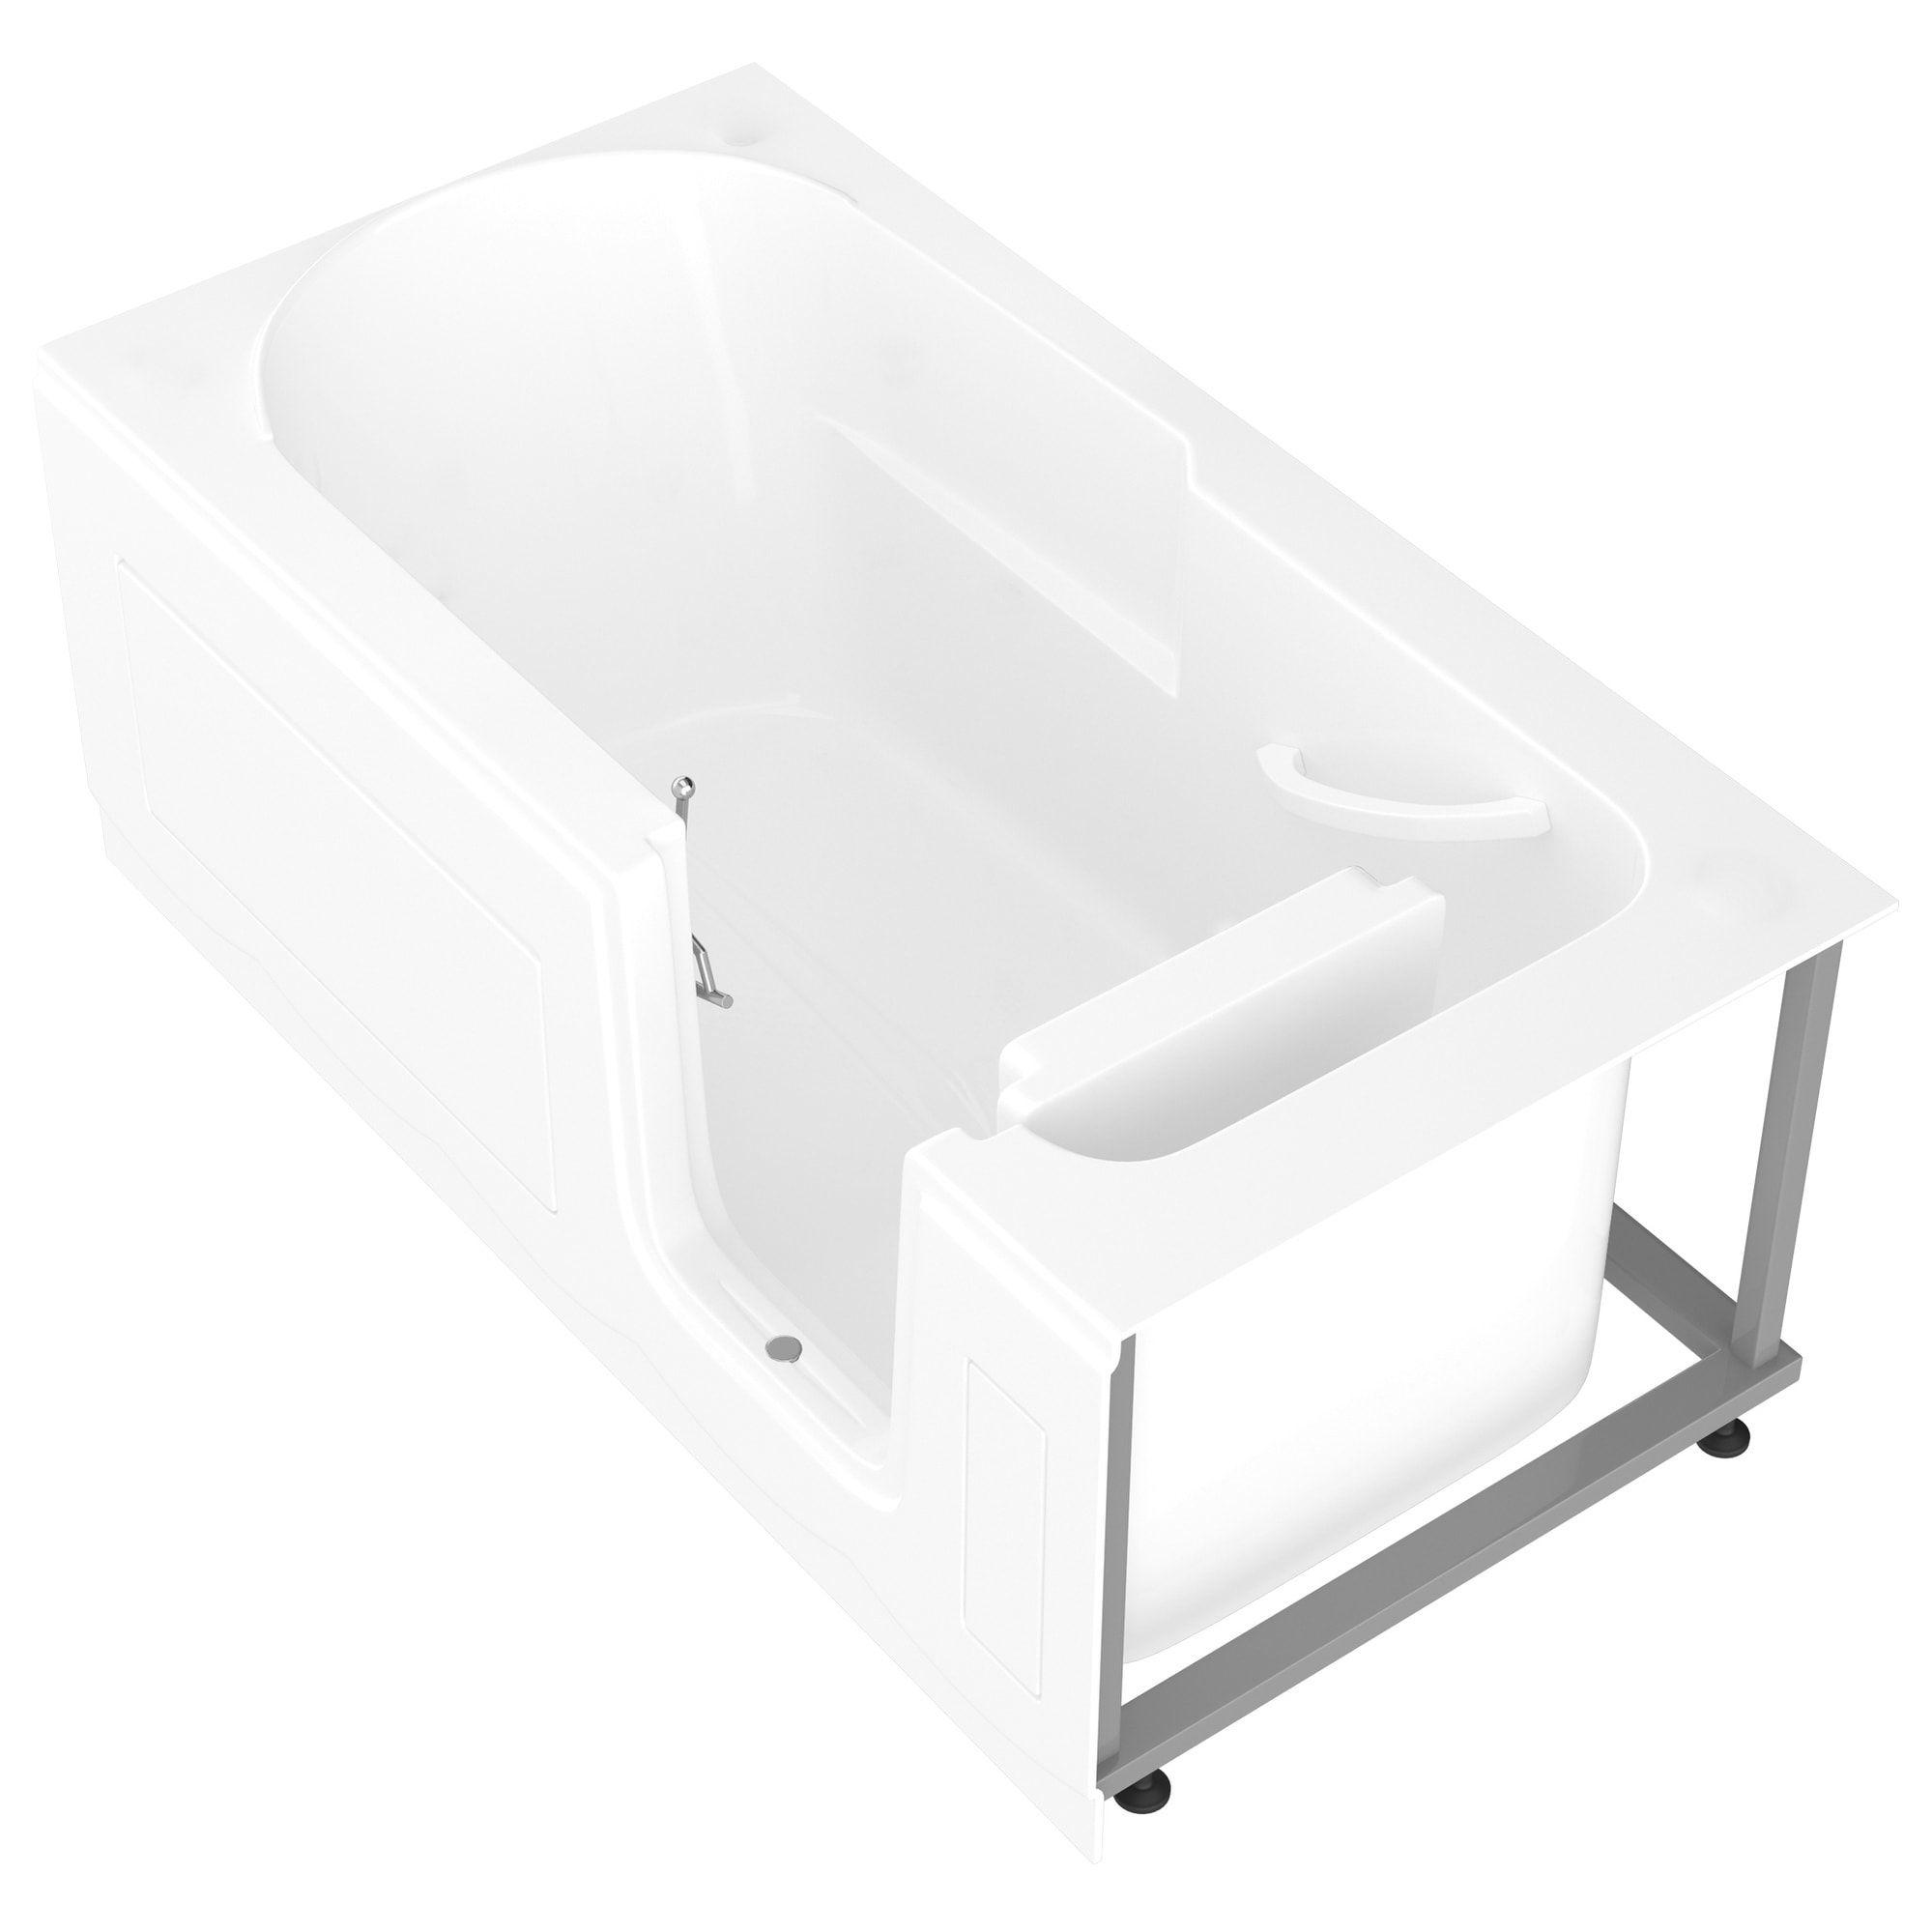 Meditub Step In 30x60 Inch Right Drain White Soaking Step In Bathtub 30x60 Inch Soaker Tub White Right Bathtub Whirlpool Bathtub Tub